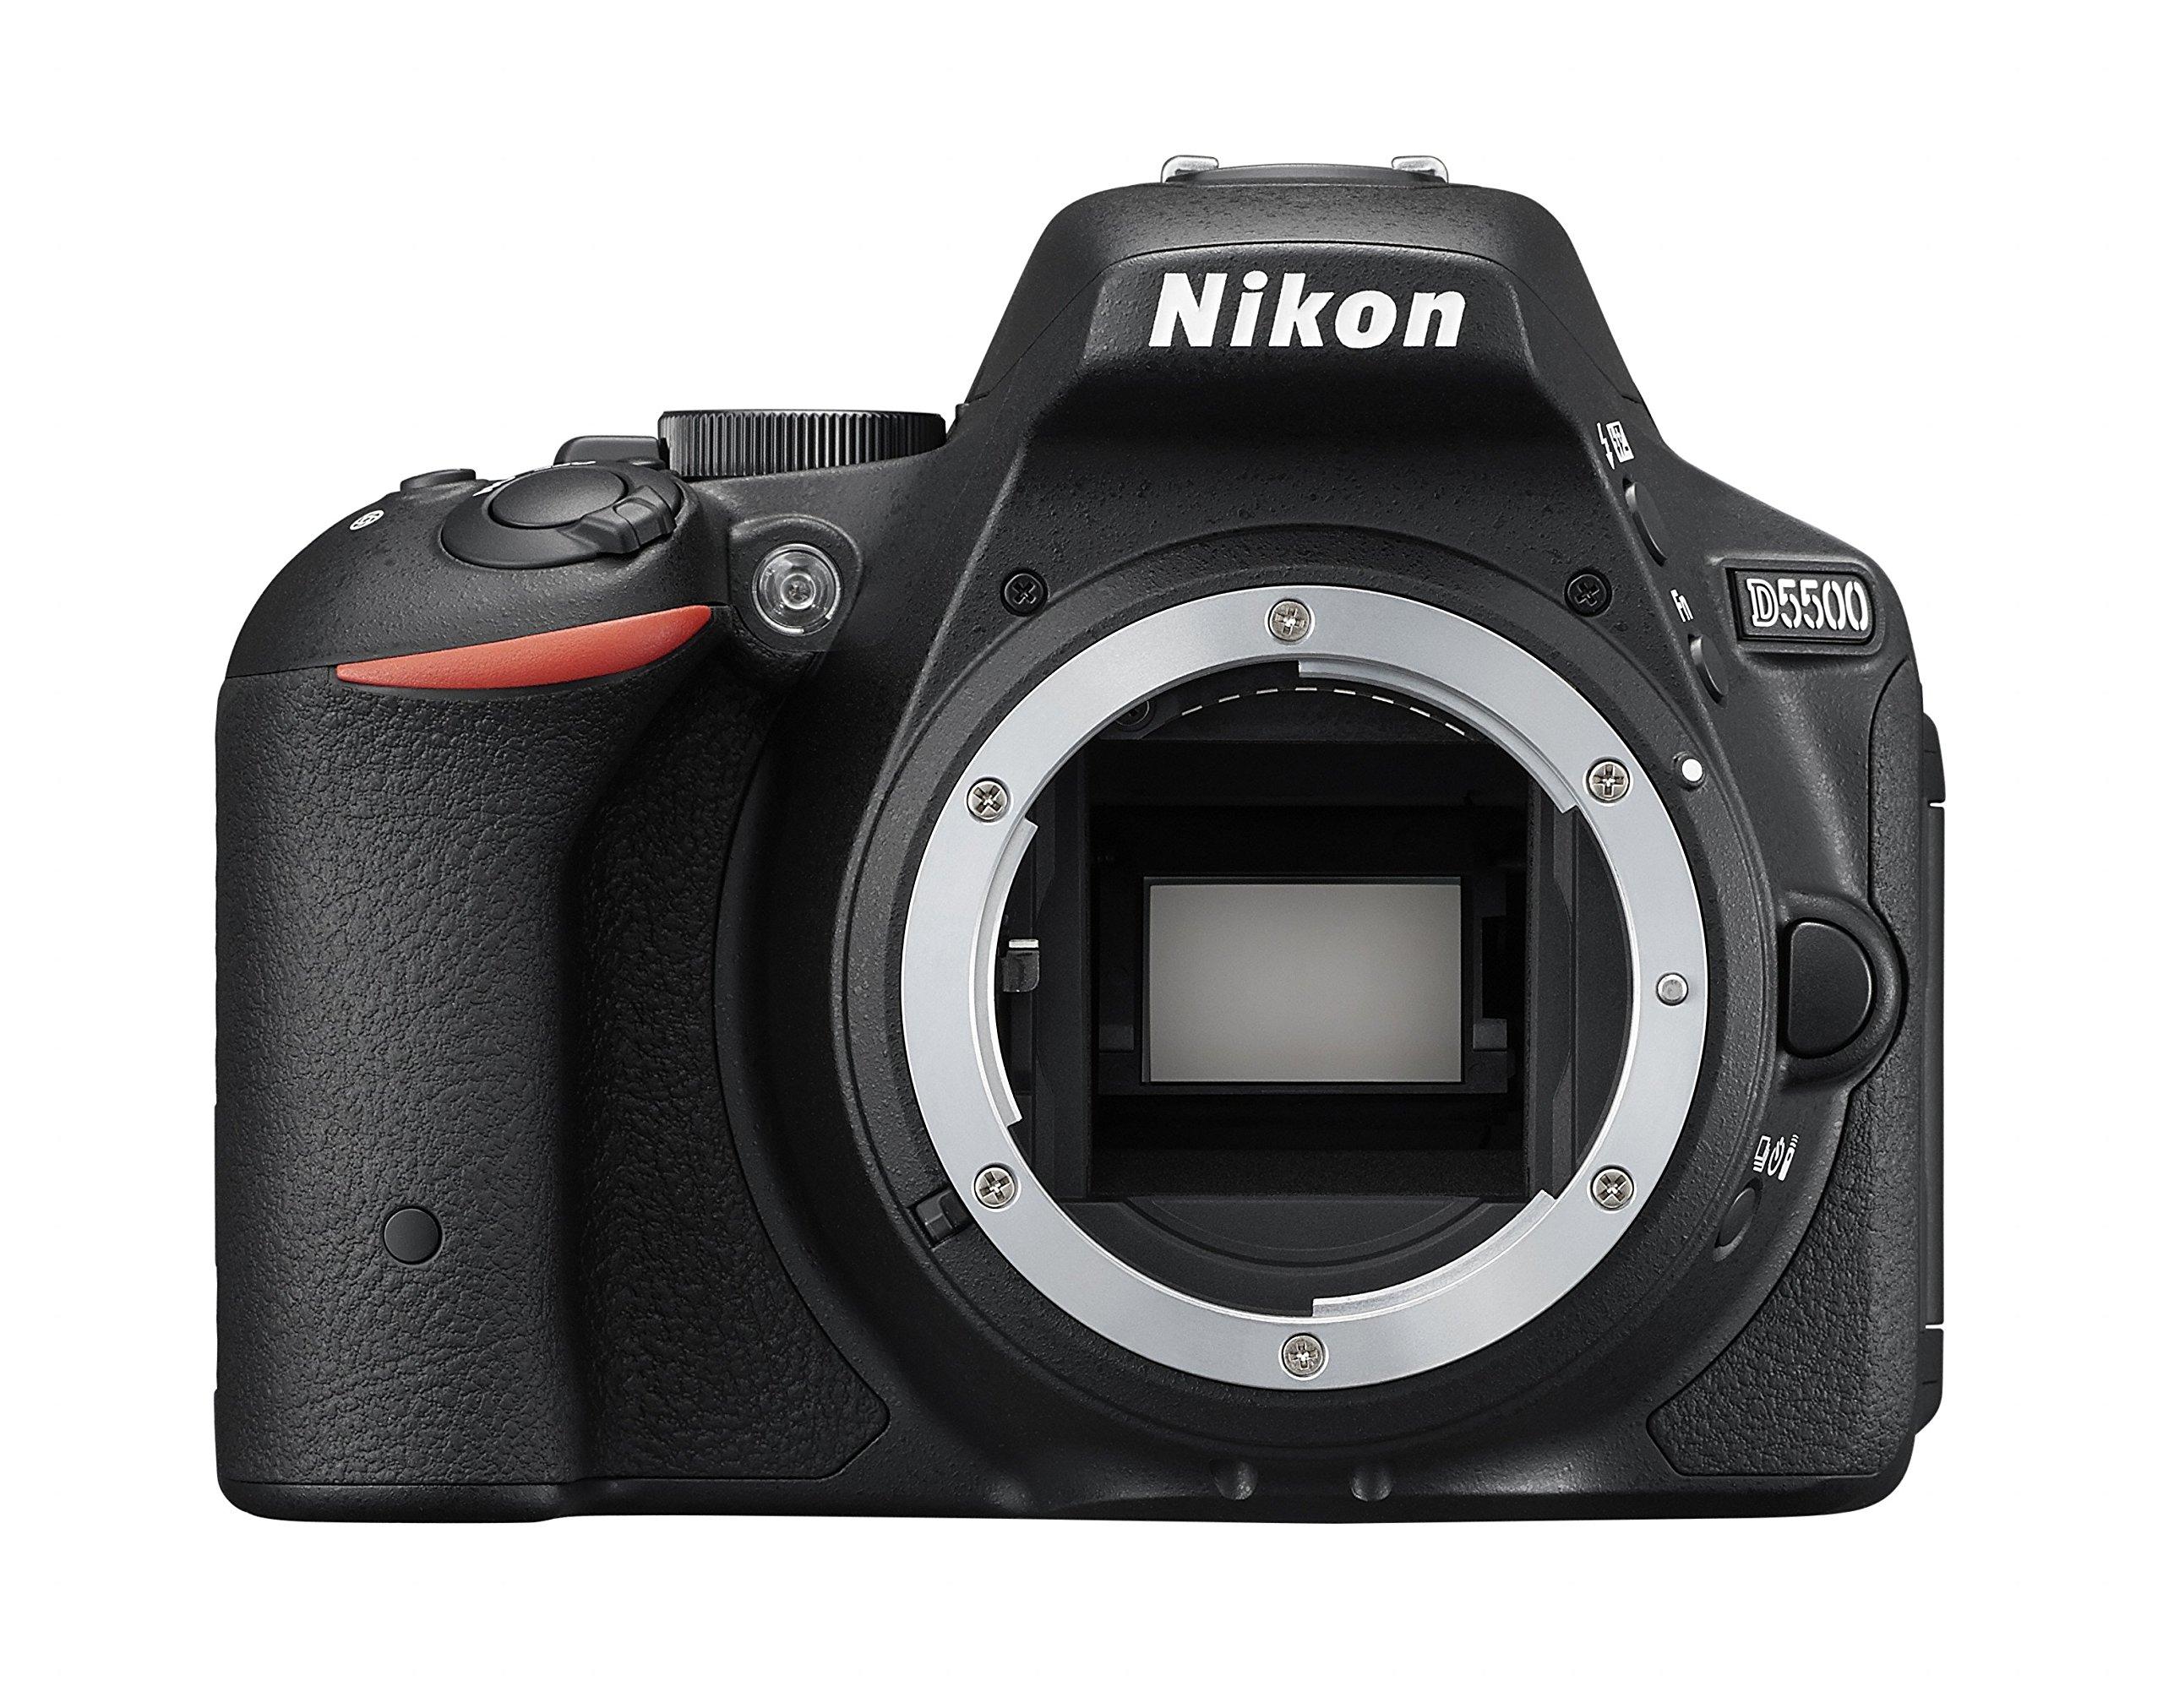 Nikon D5500 Fotocamera Reflex Digitale, Solo Corpo, 24,2 Megapixel, LCD Touchscreen Regolabile, Wi-Fi Incorporato, Nero [Versione EU] product image